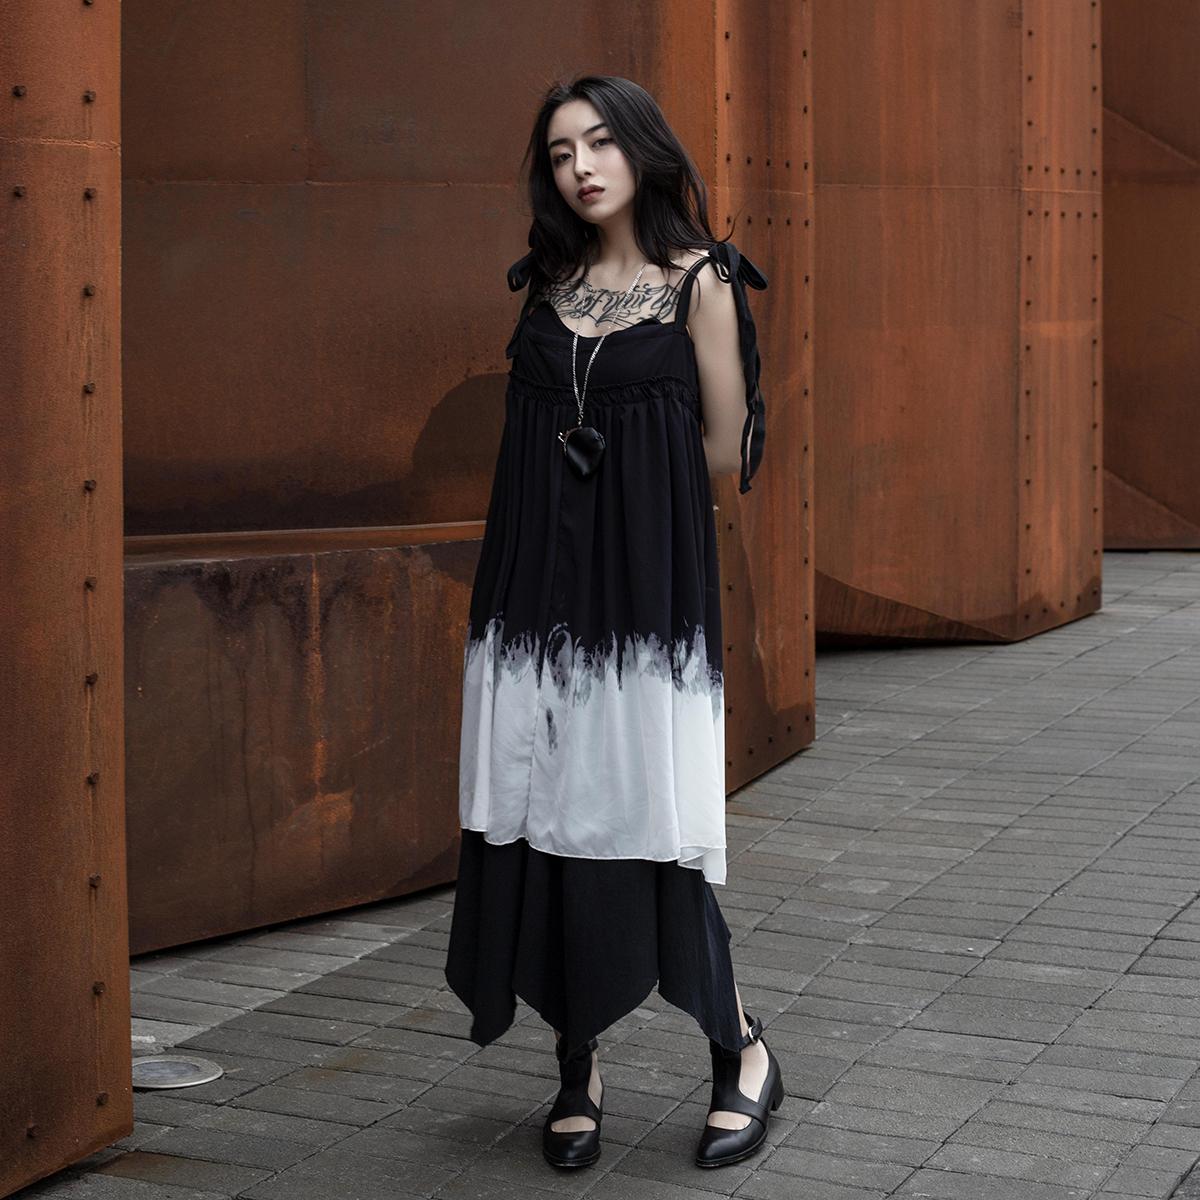 修身韩版连衣裙 夏季新品暗黑风渐变色韩版两穿修身吊带连衣裙_推荐淘宝好看的修身韩版连衣裙